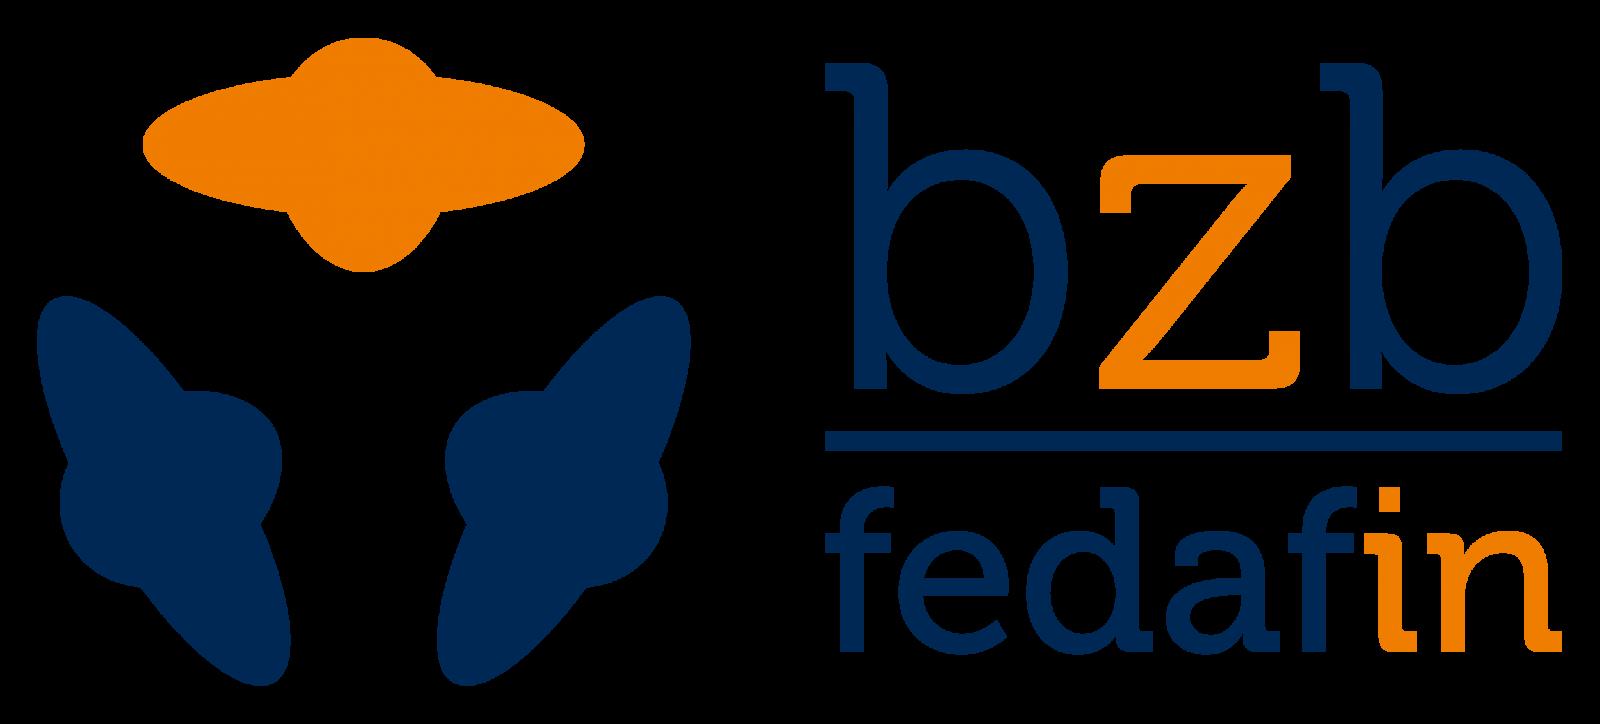 BZB-FEDAFIN_logo(1) (1)